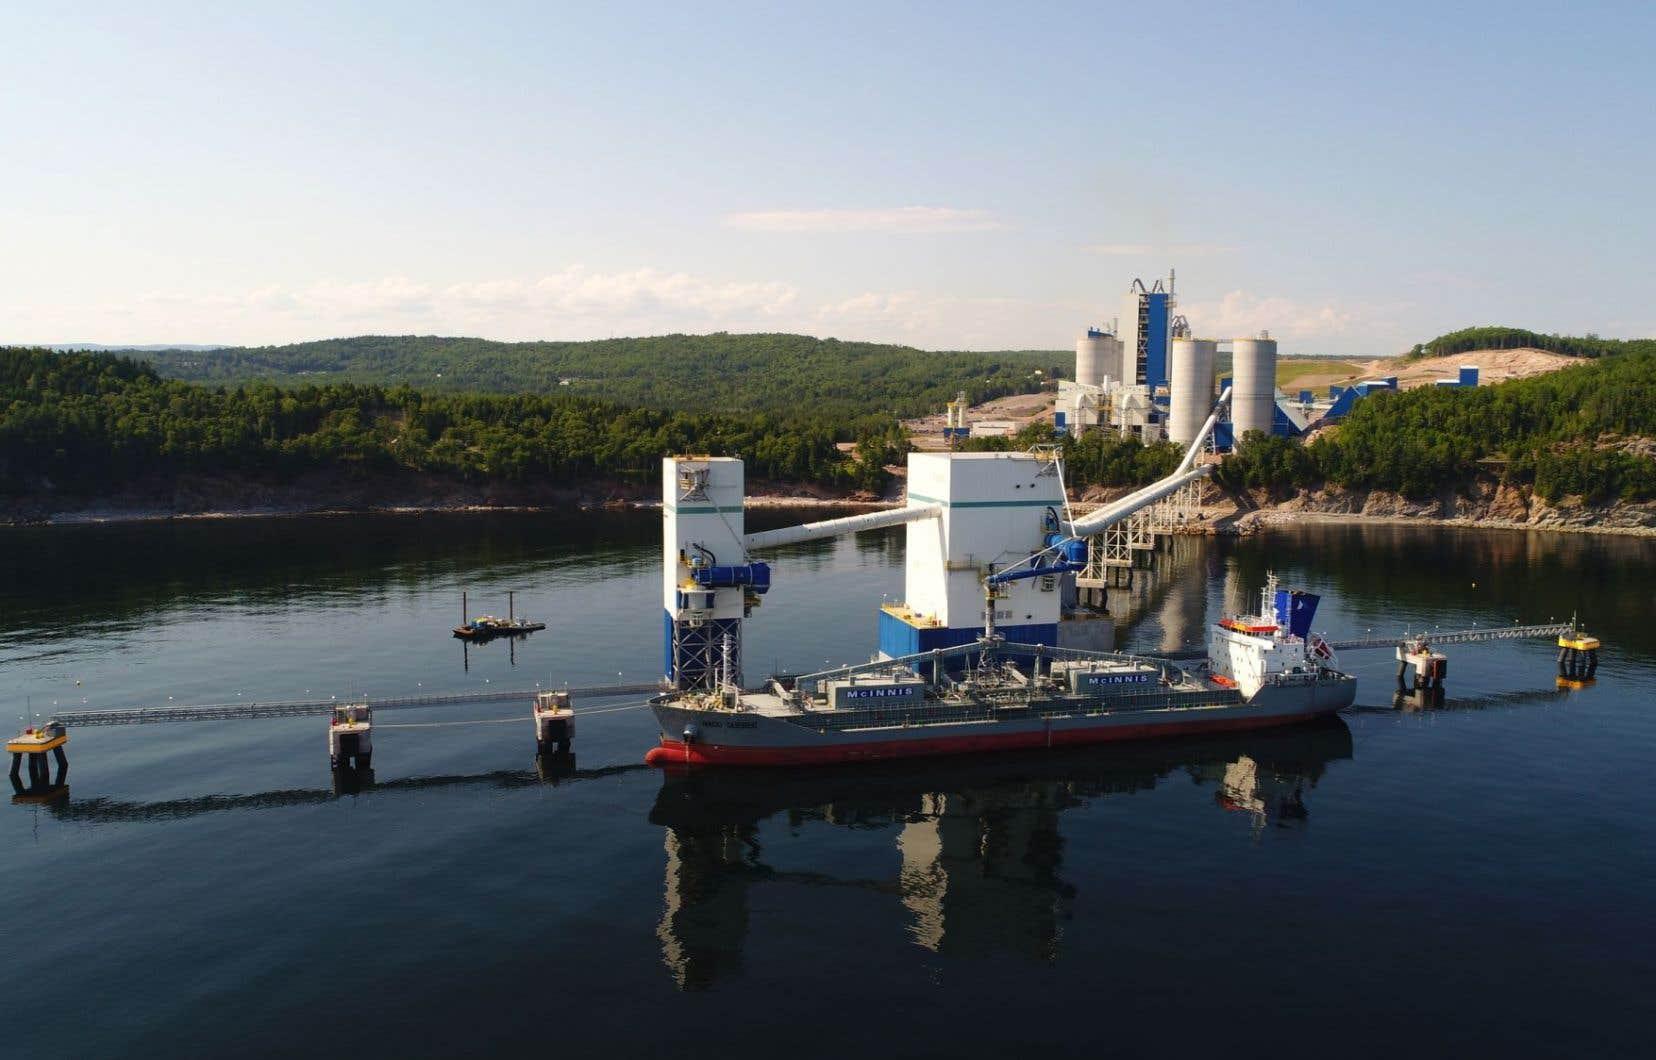 La nouvelle usine de Port-Daniel, qui a commencé à produire du ciment en juin, a une capacité de production annuelle de 2,2millions de tonnes.